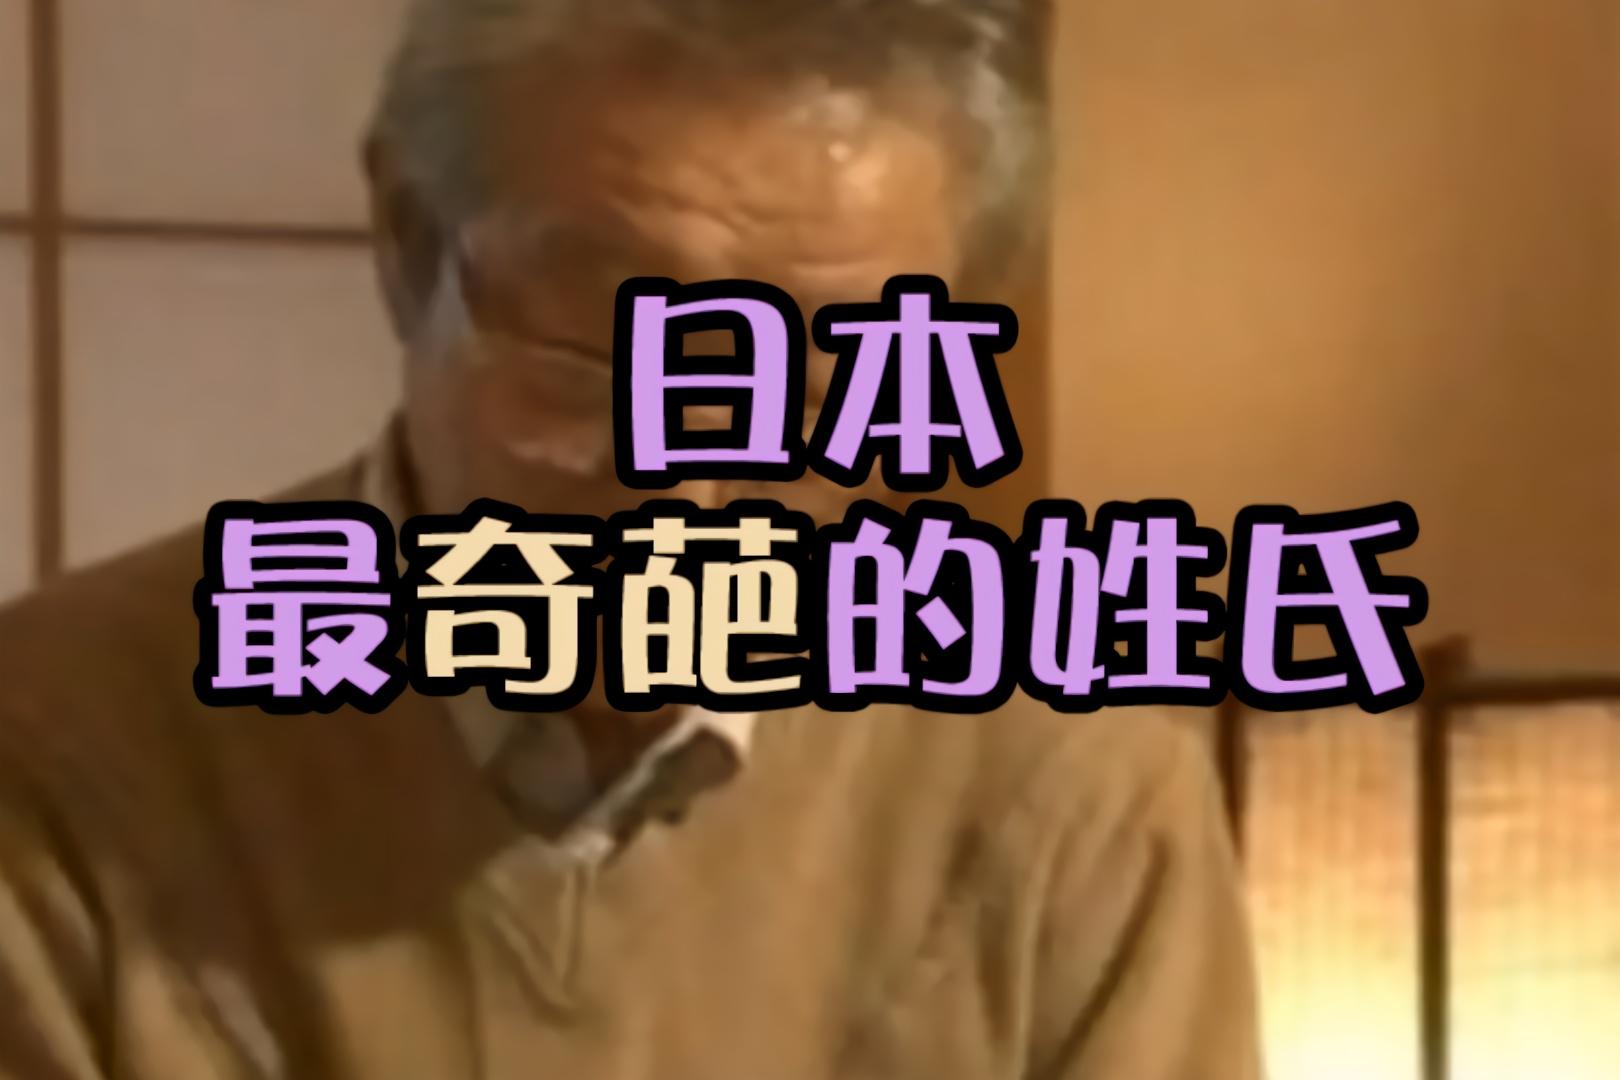 日本最奇葩的姓氏,噗哈哈,这真是来认真搞笑的,向鼻毛君问好